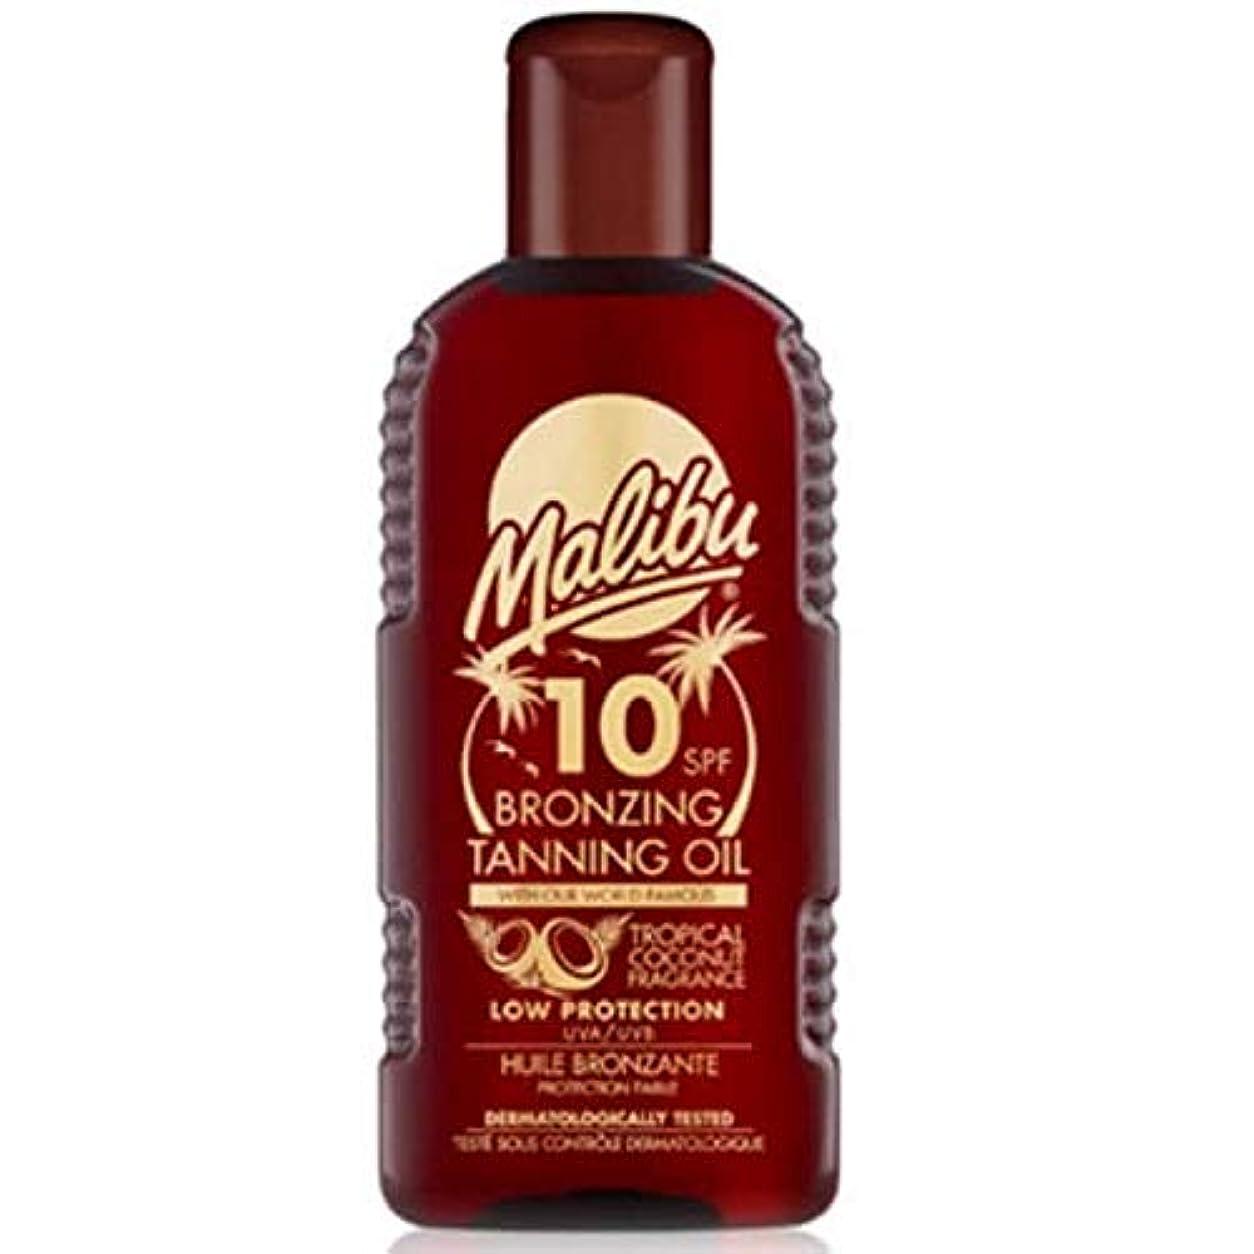 魔法すき悪性腫瘍[Malibu ] マリブブロンズ日焼けオイルSpf 10 - Malibu Bronzing Tanning Oil SPF 10 [並行輸入品]